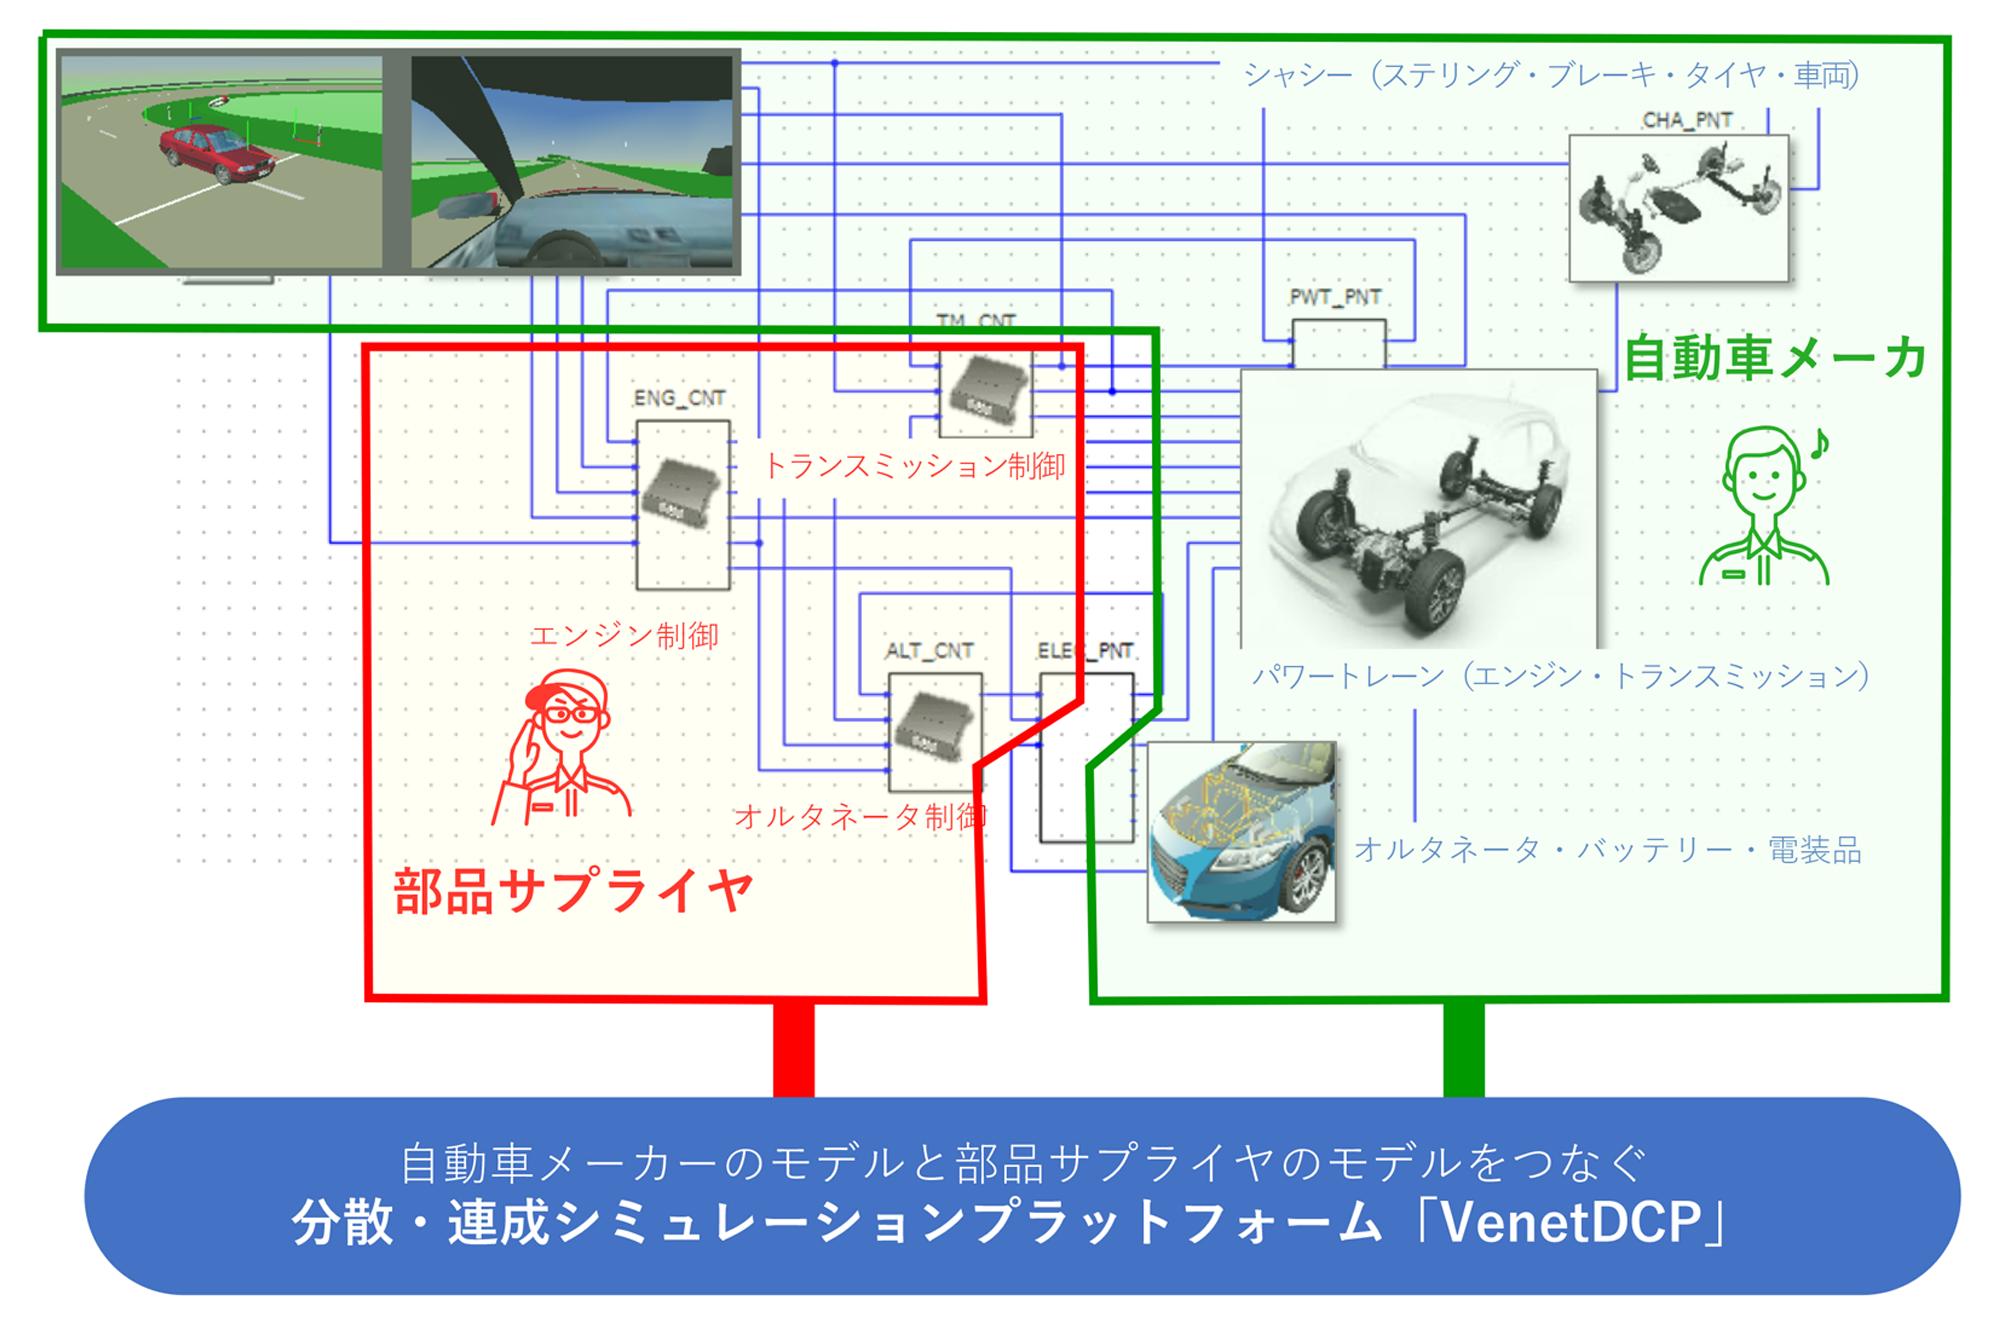 サイバー空間で車をつくる -東芝のデジタル試作プラットフォーム (技術編)